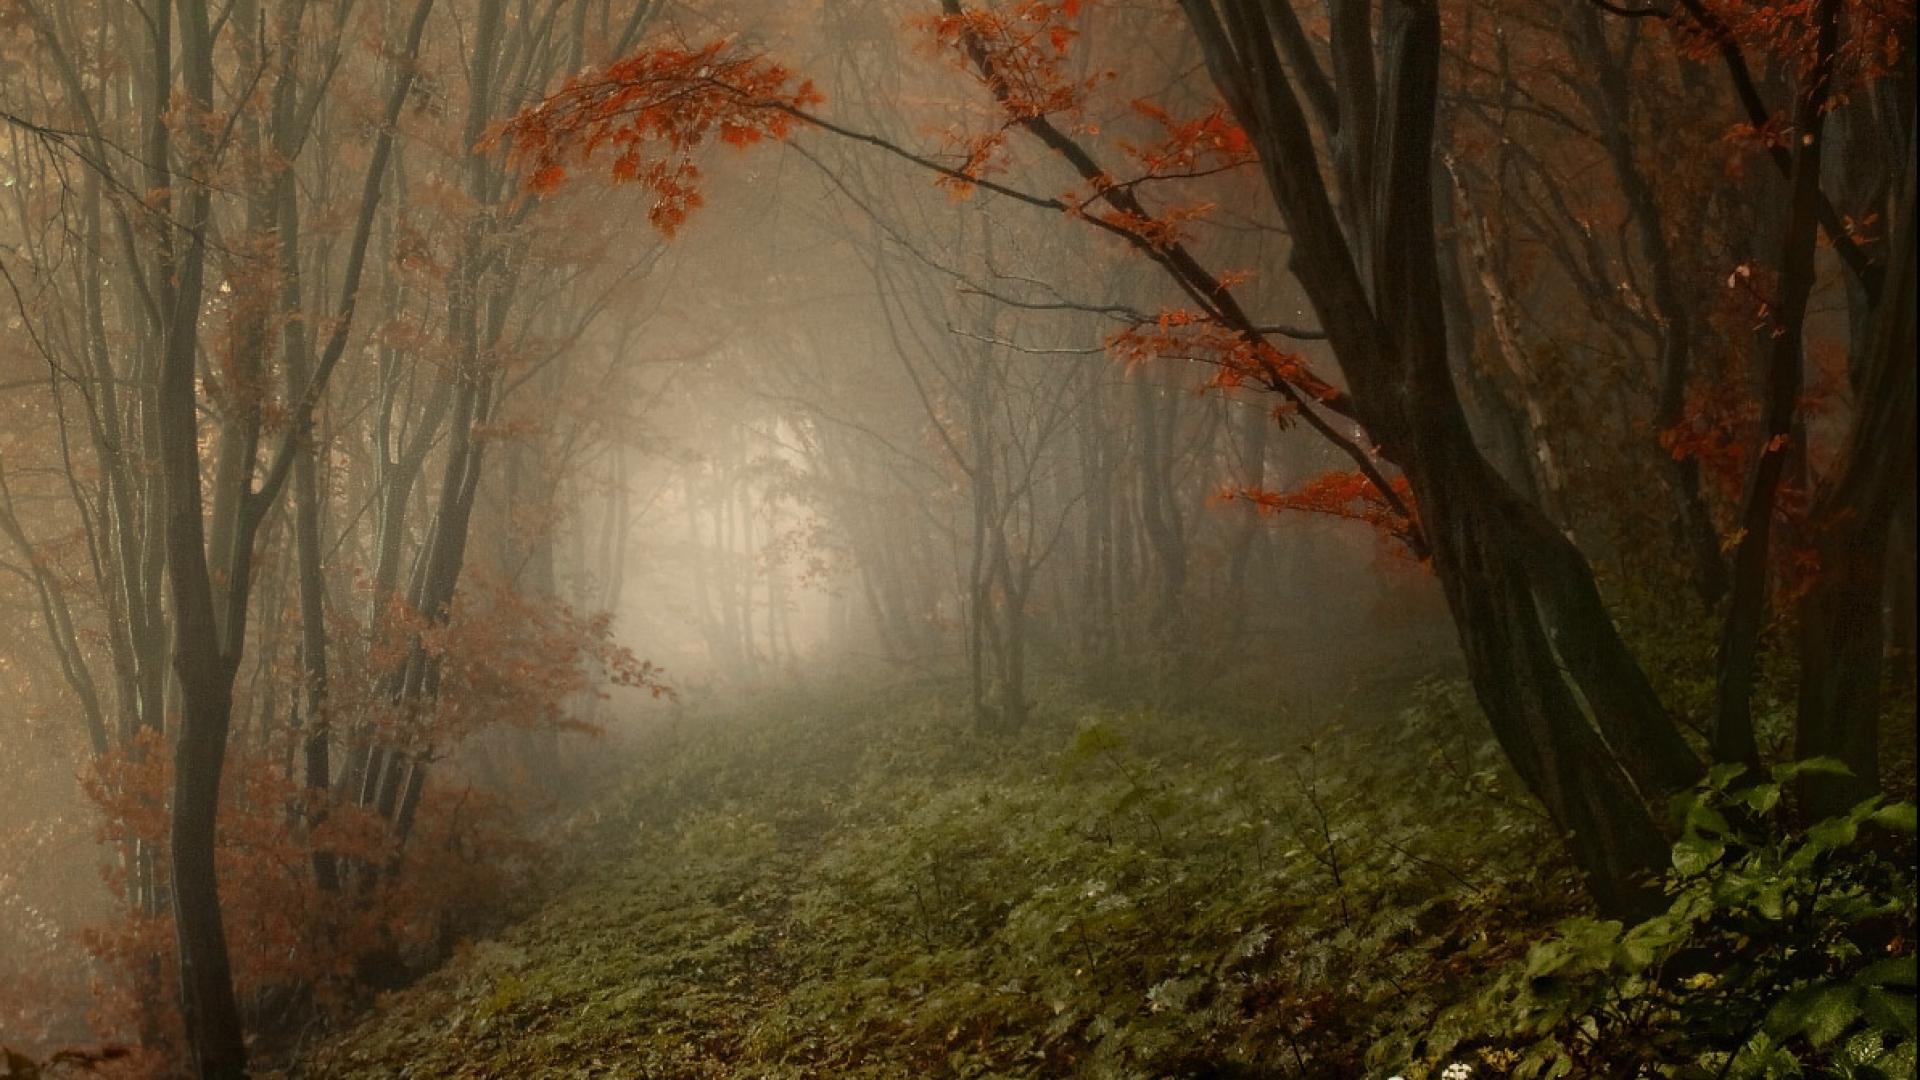 Hình nền mùa thu Autumn22a1